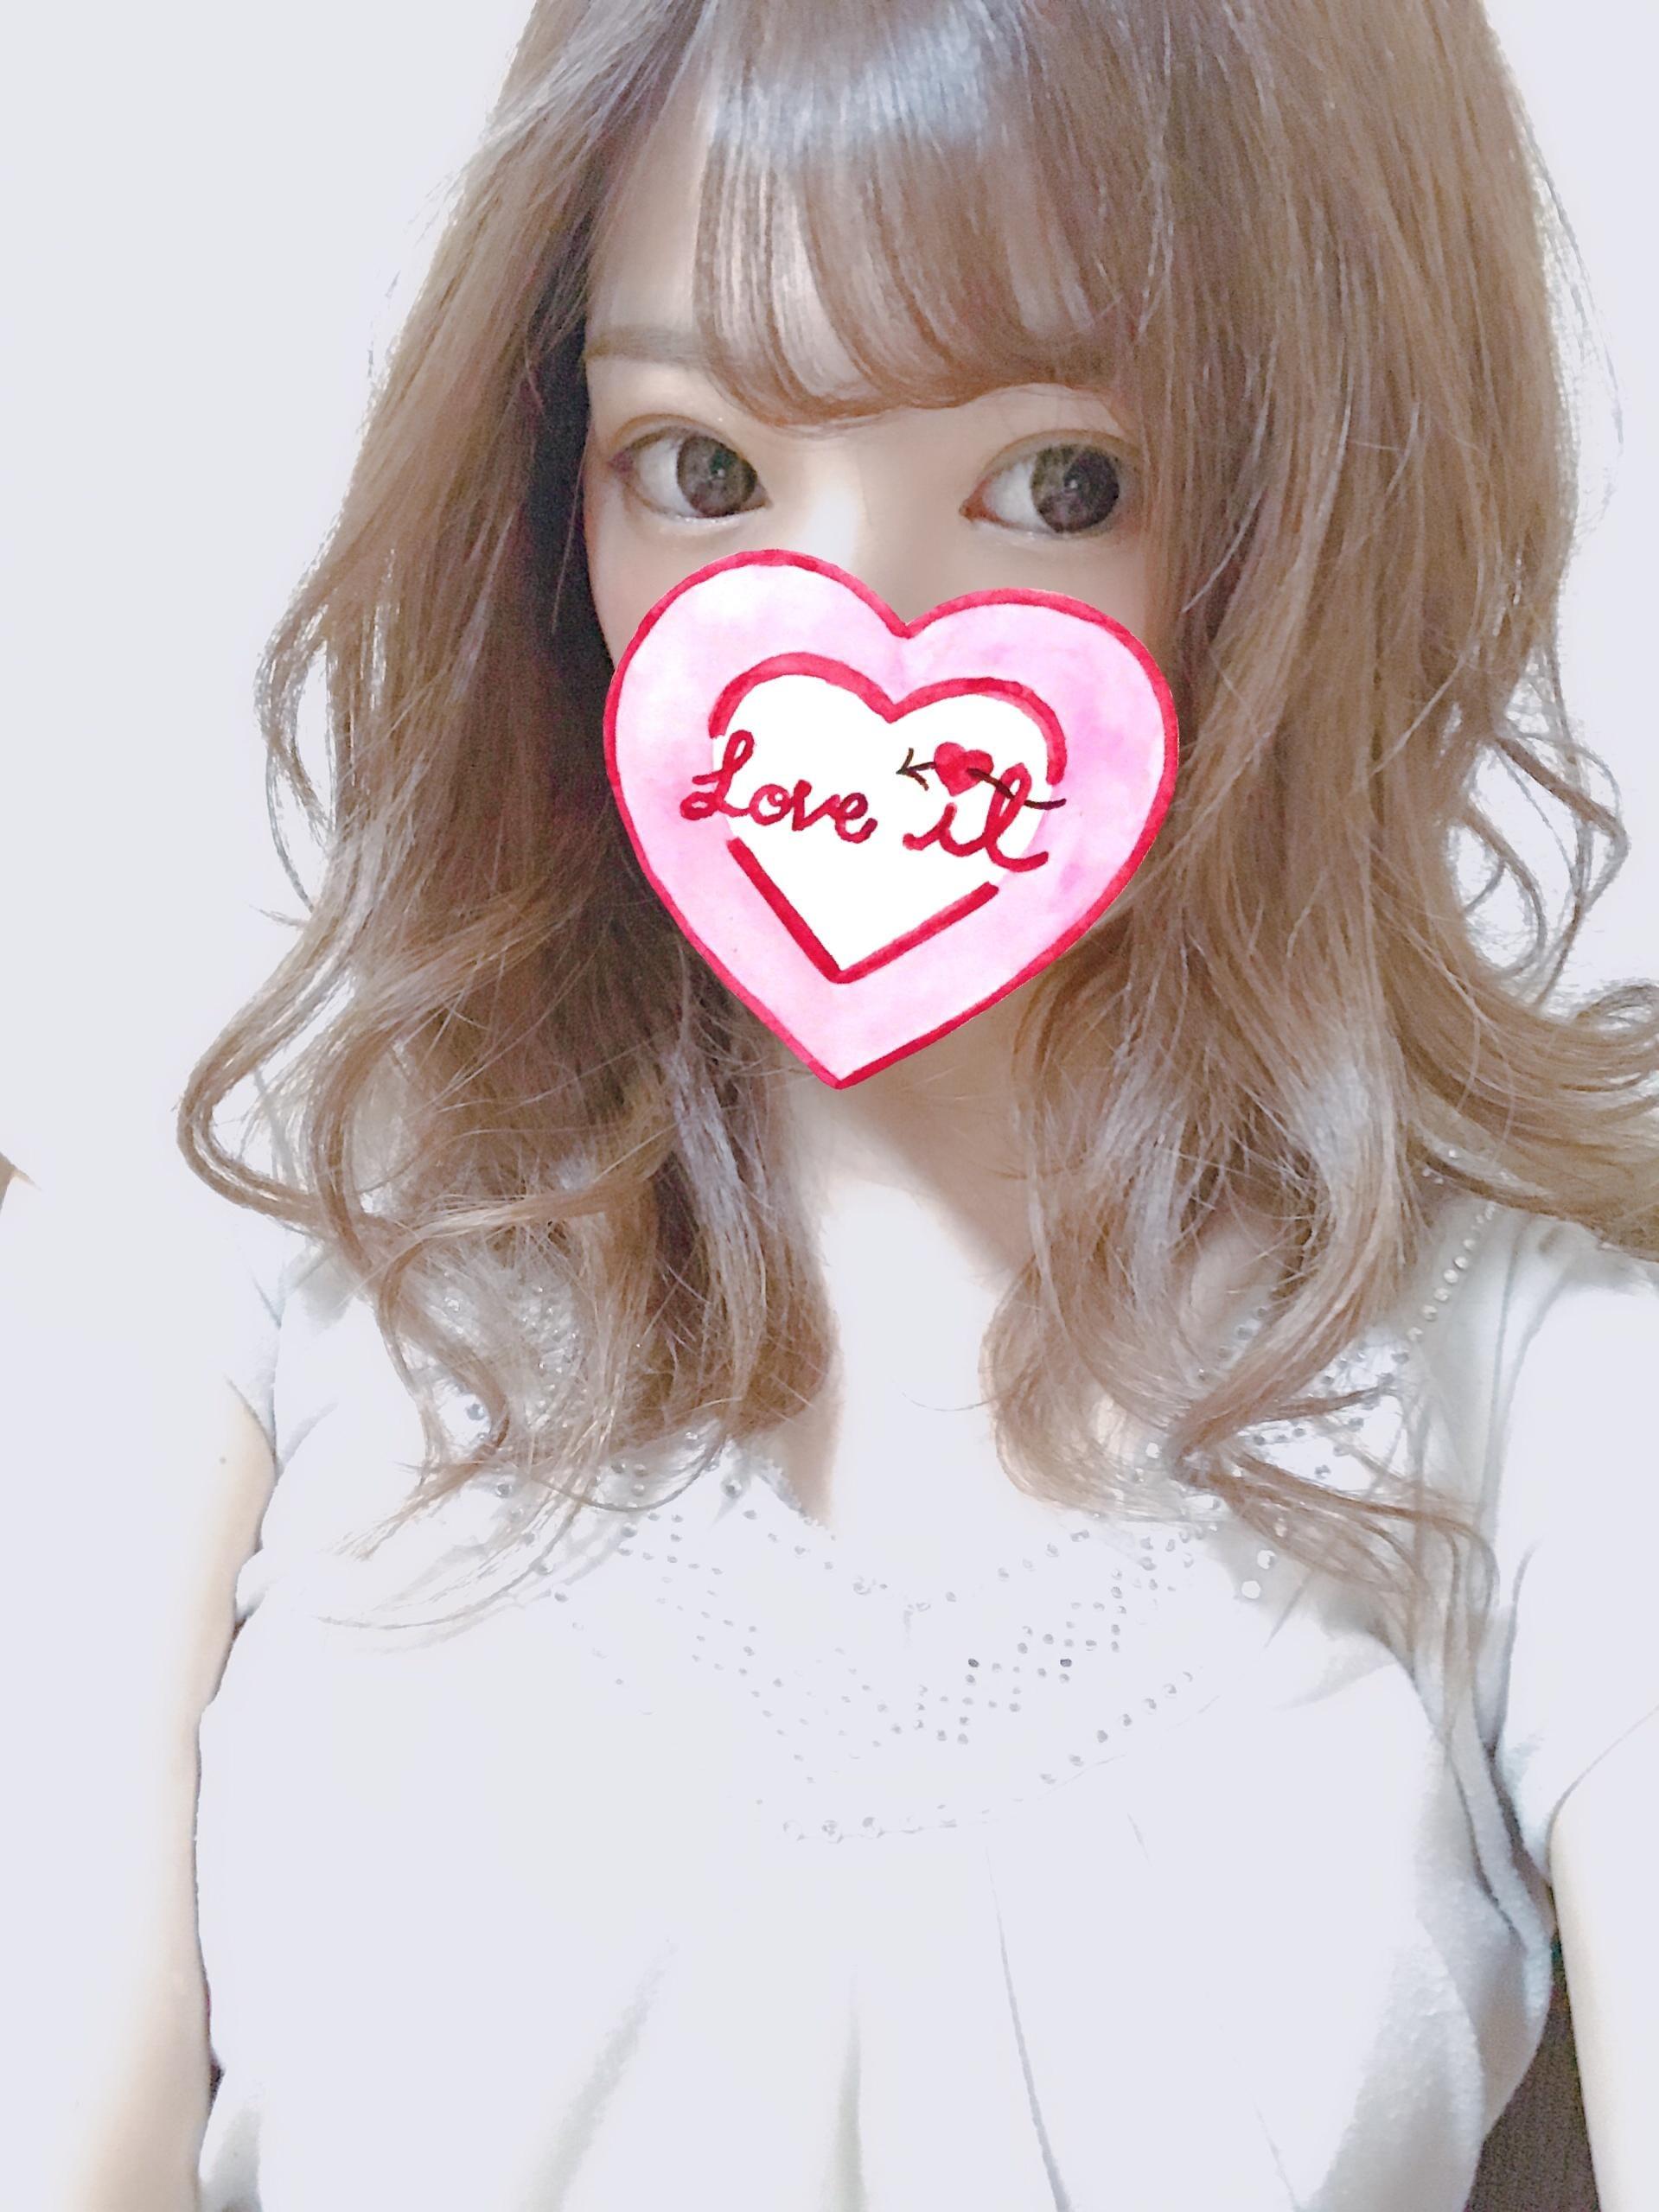 「今年最後\(◡̈)/」12/29(土) 18:24 | 藤崎 あんりの写メ・風俗動画